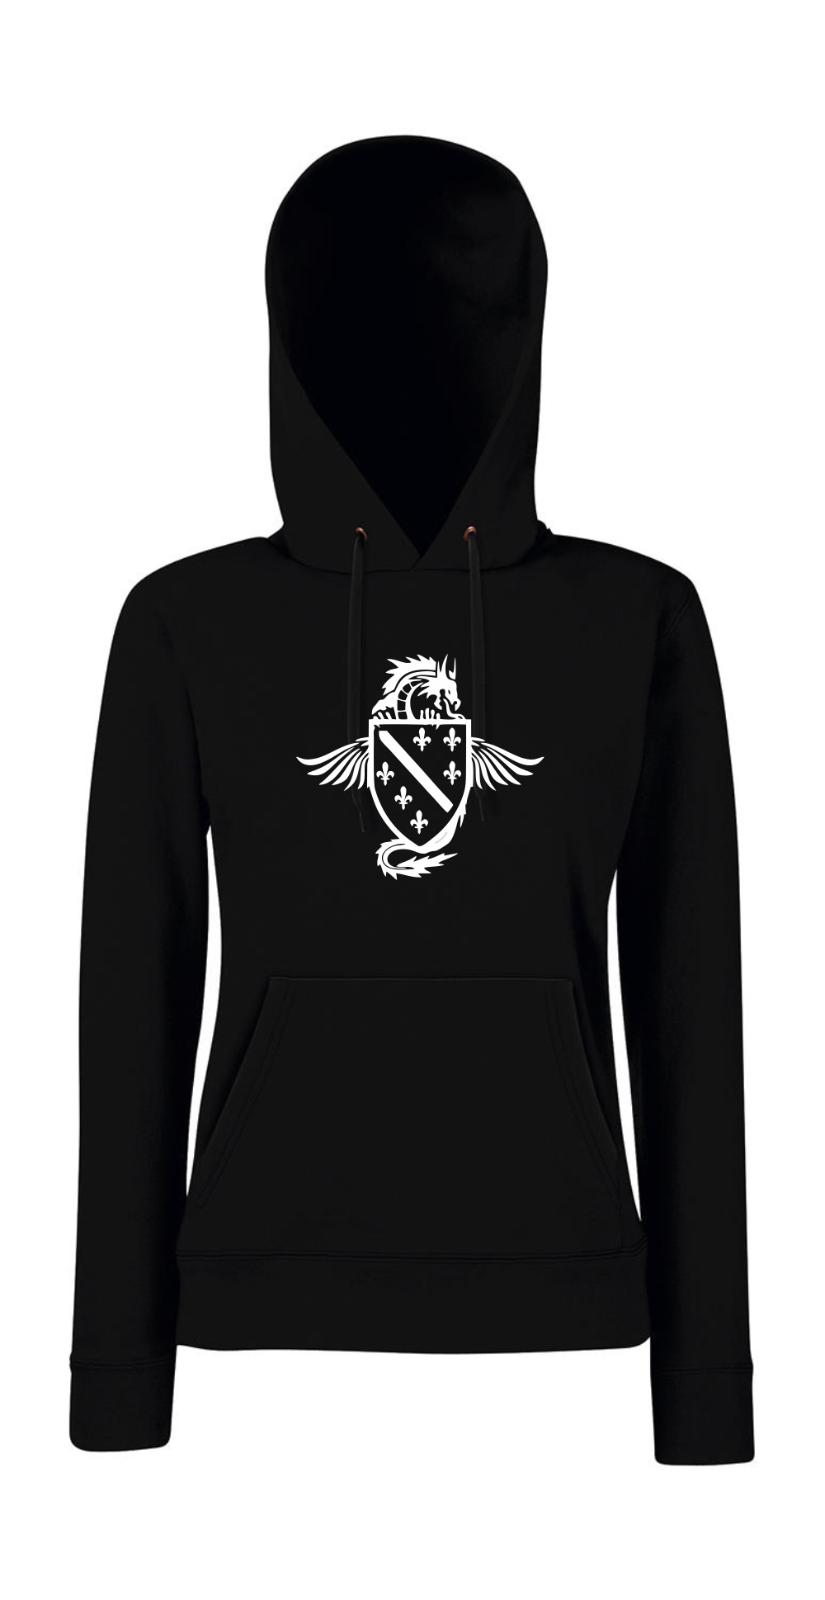 Sweatshirtjacke Schwarz Tattoo Drachen /& keltisches Kreuzmotiv Modell Drachen